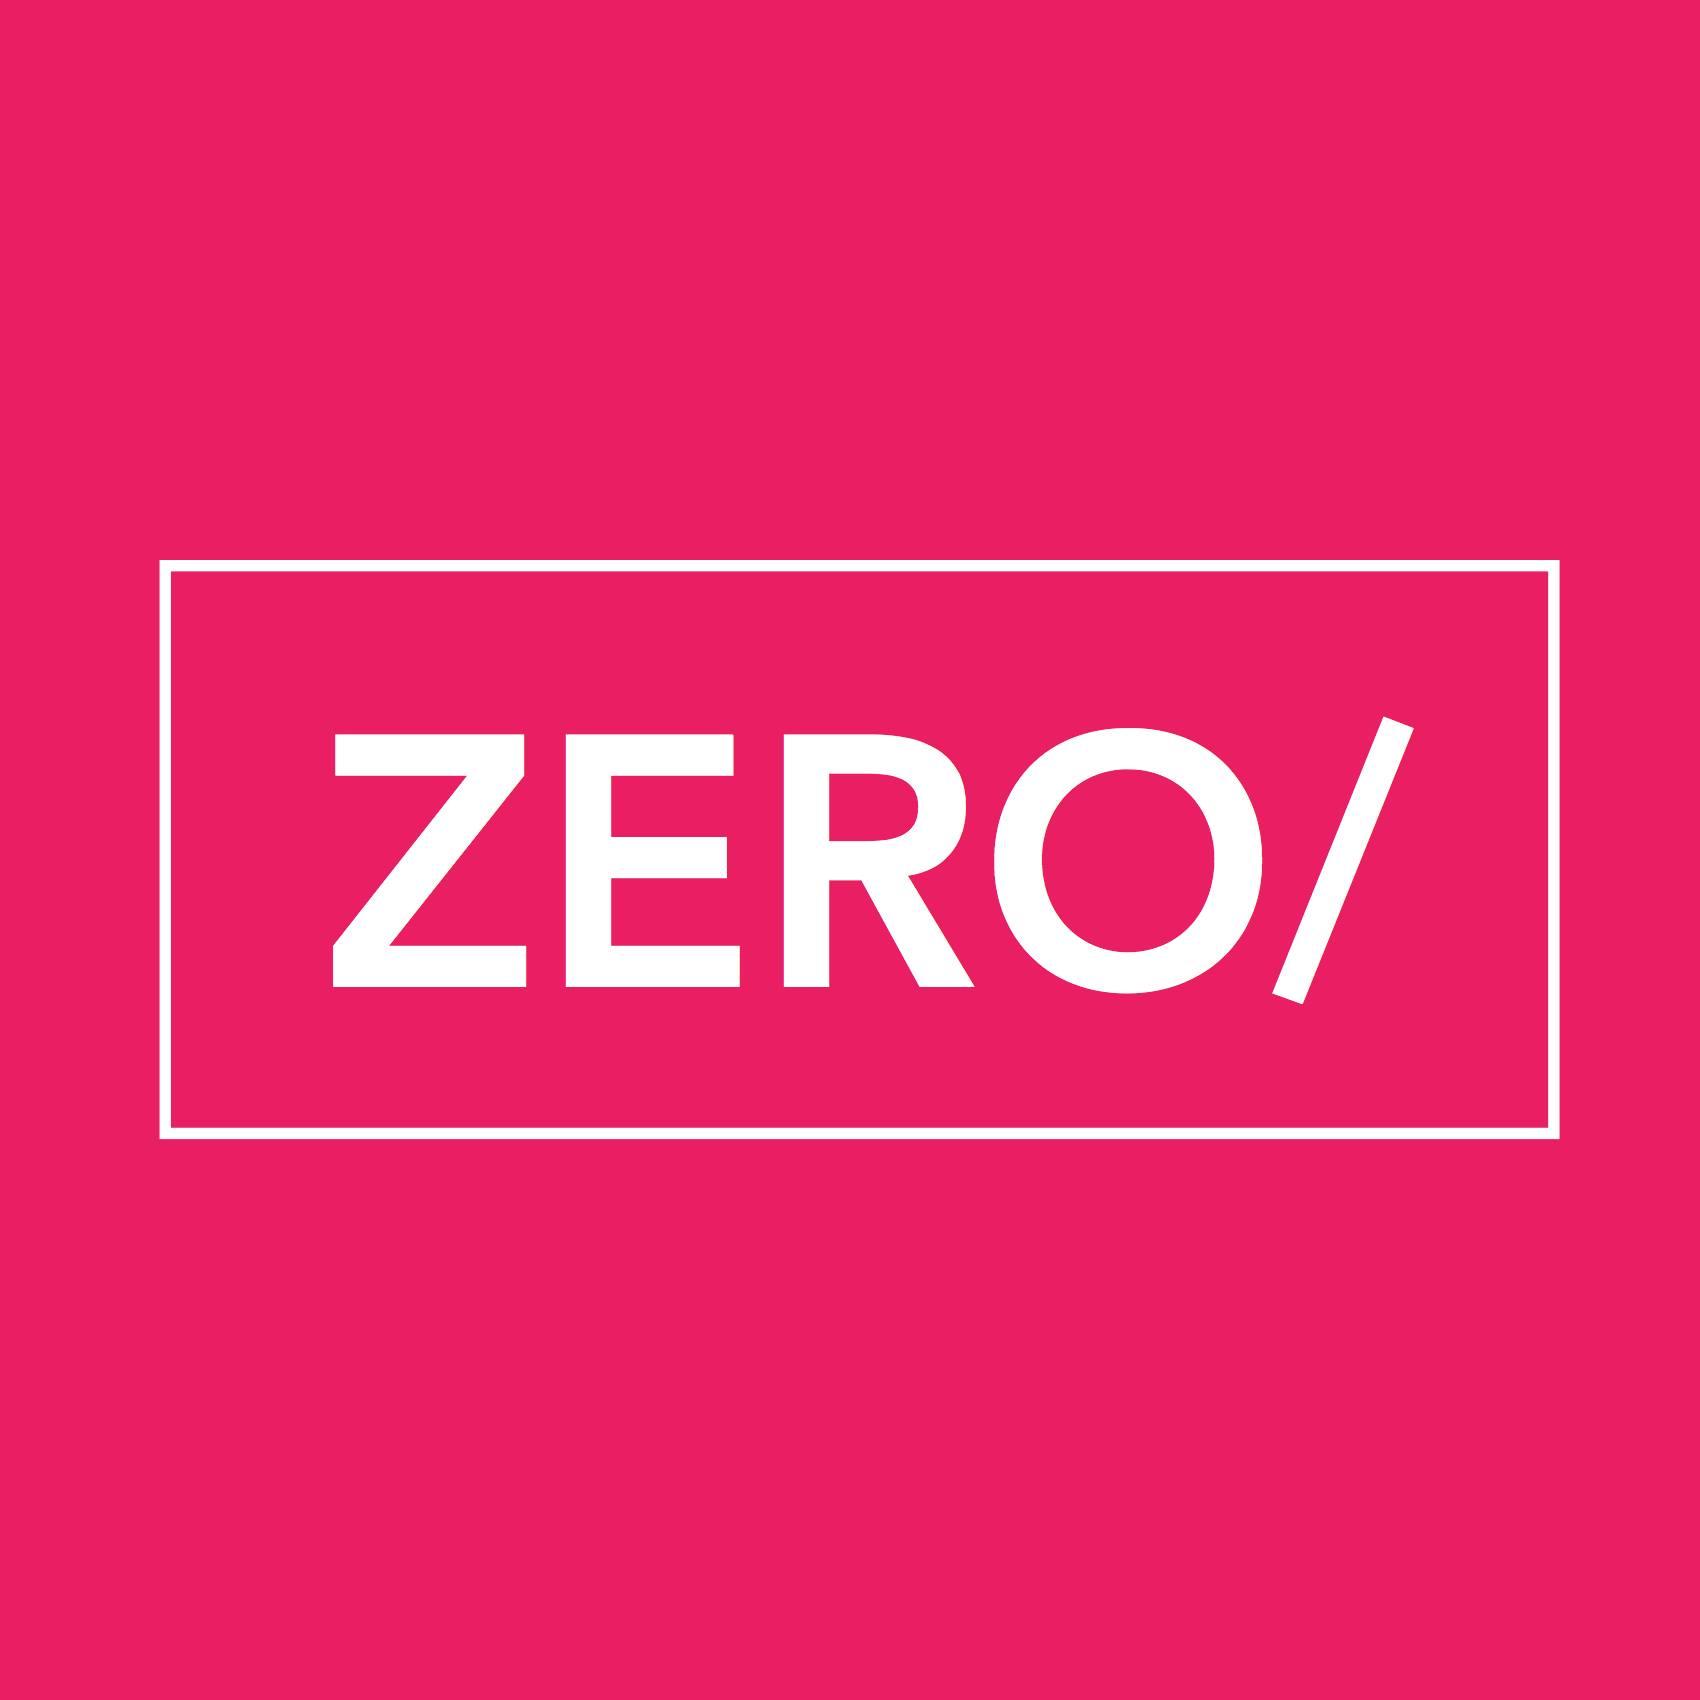 Zero Slant